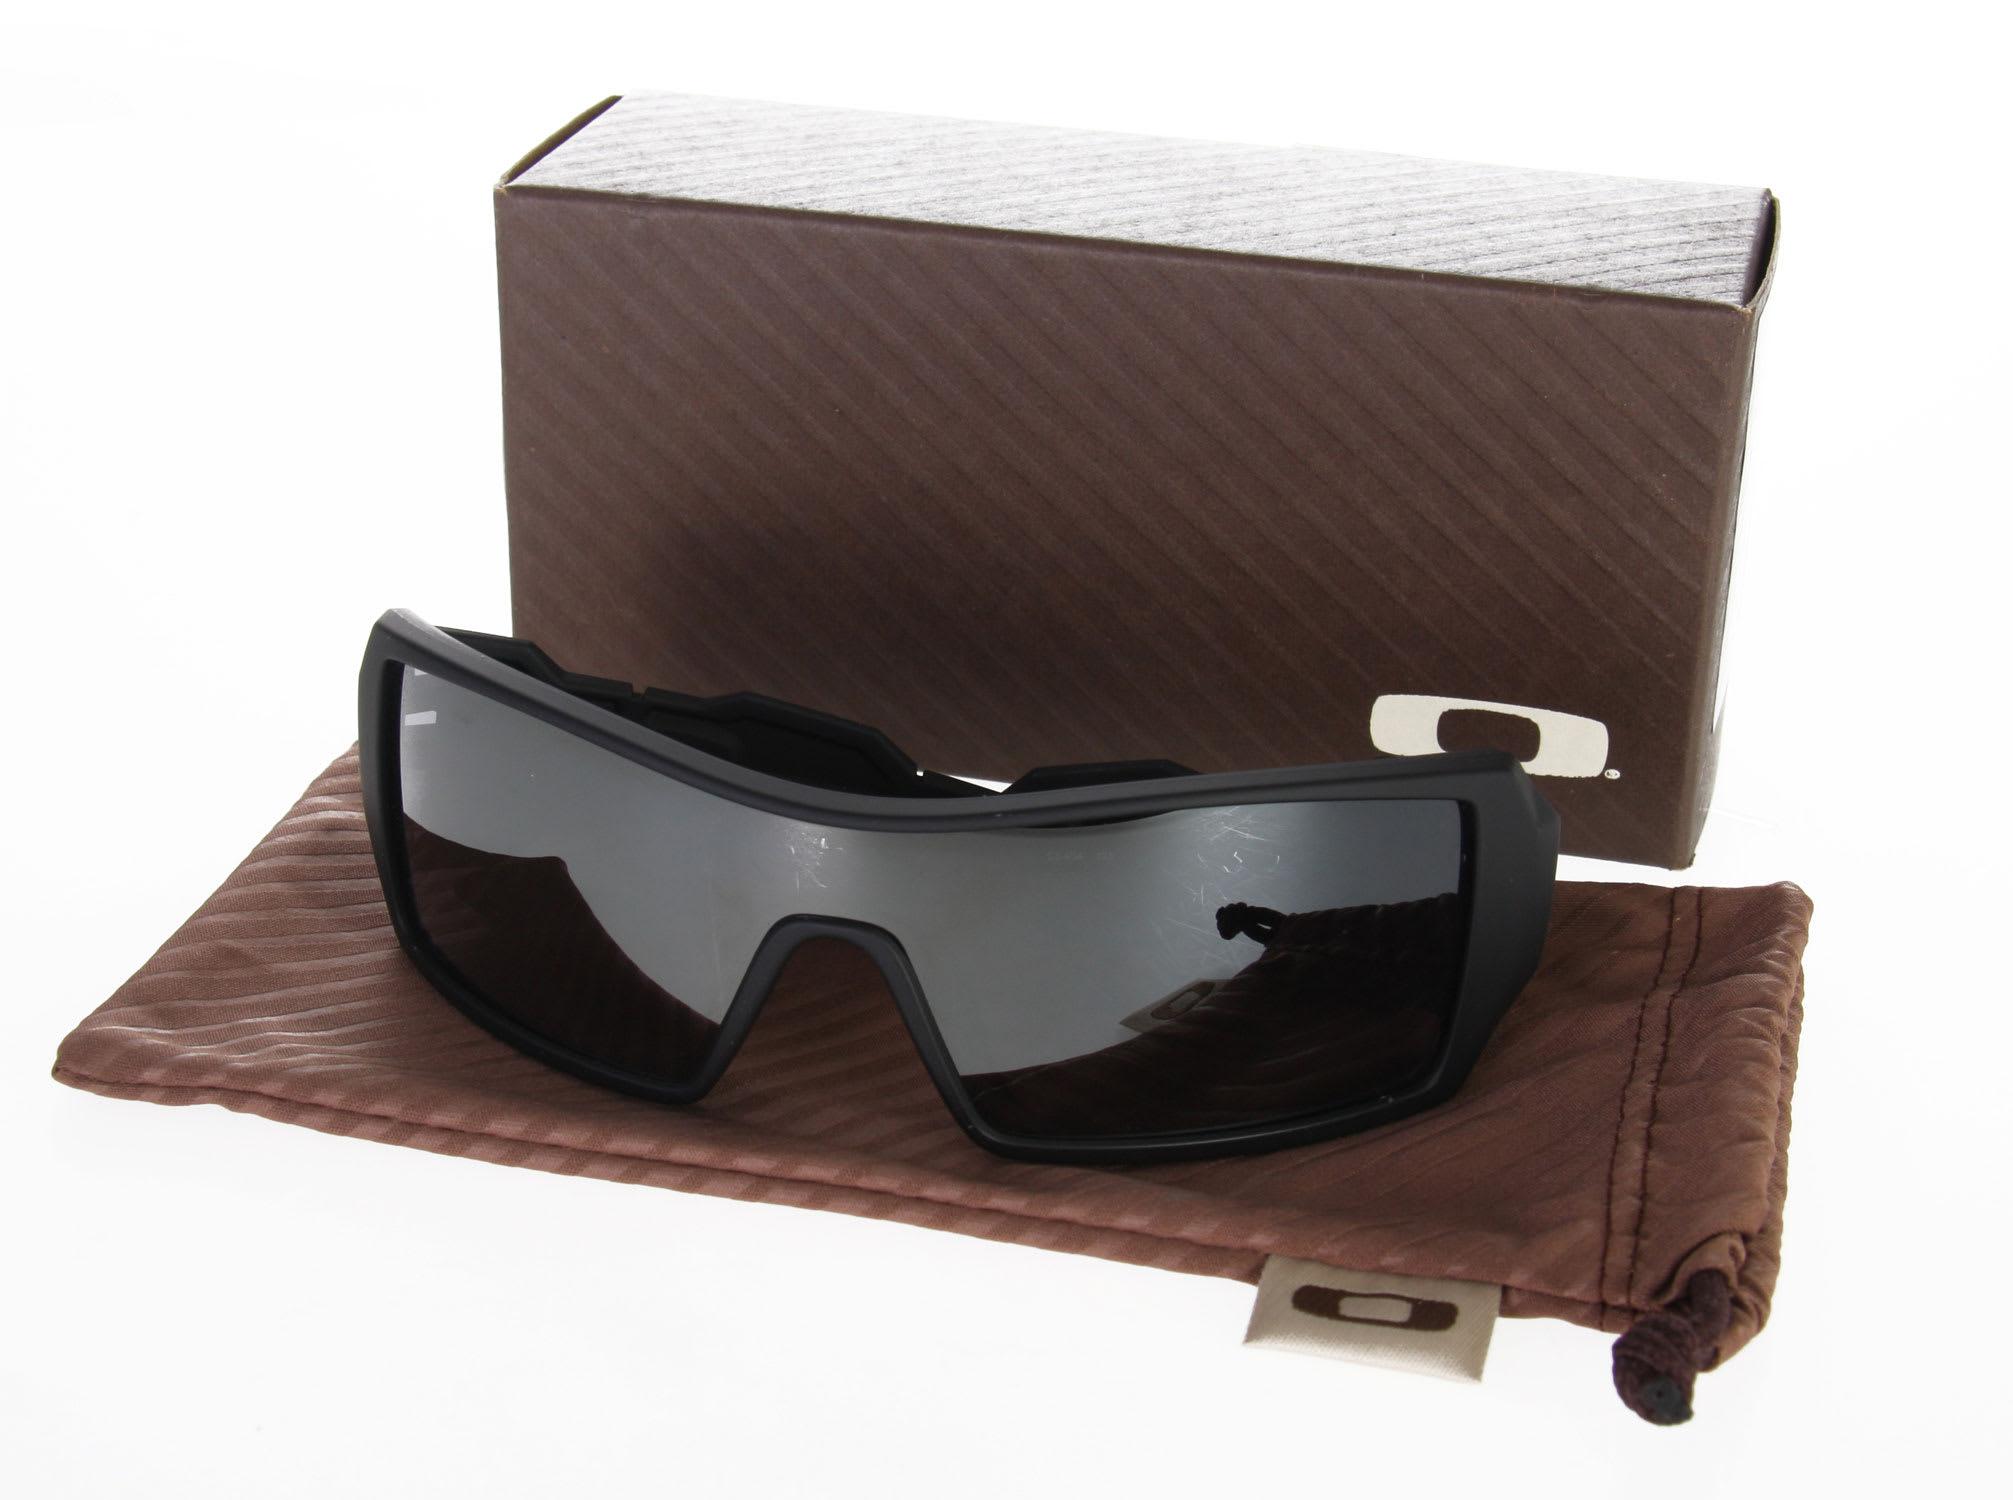 on sale oakley oil rig sunglasses. Black Bedroom Furniture Sets. Home Design Ideas